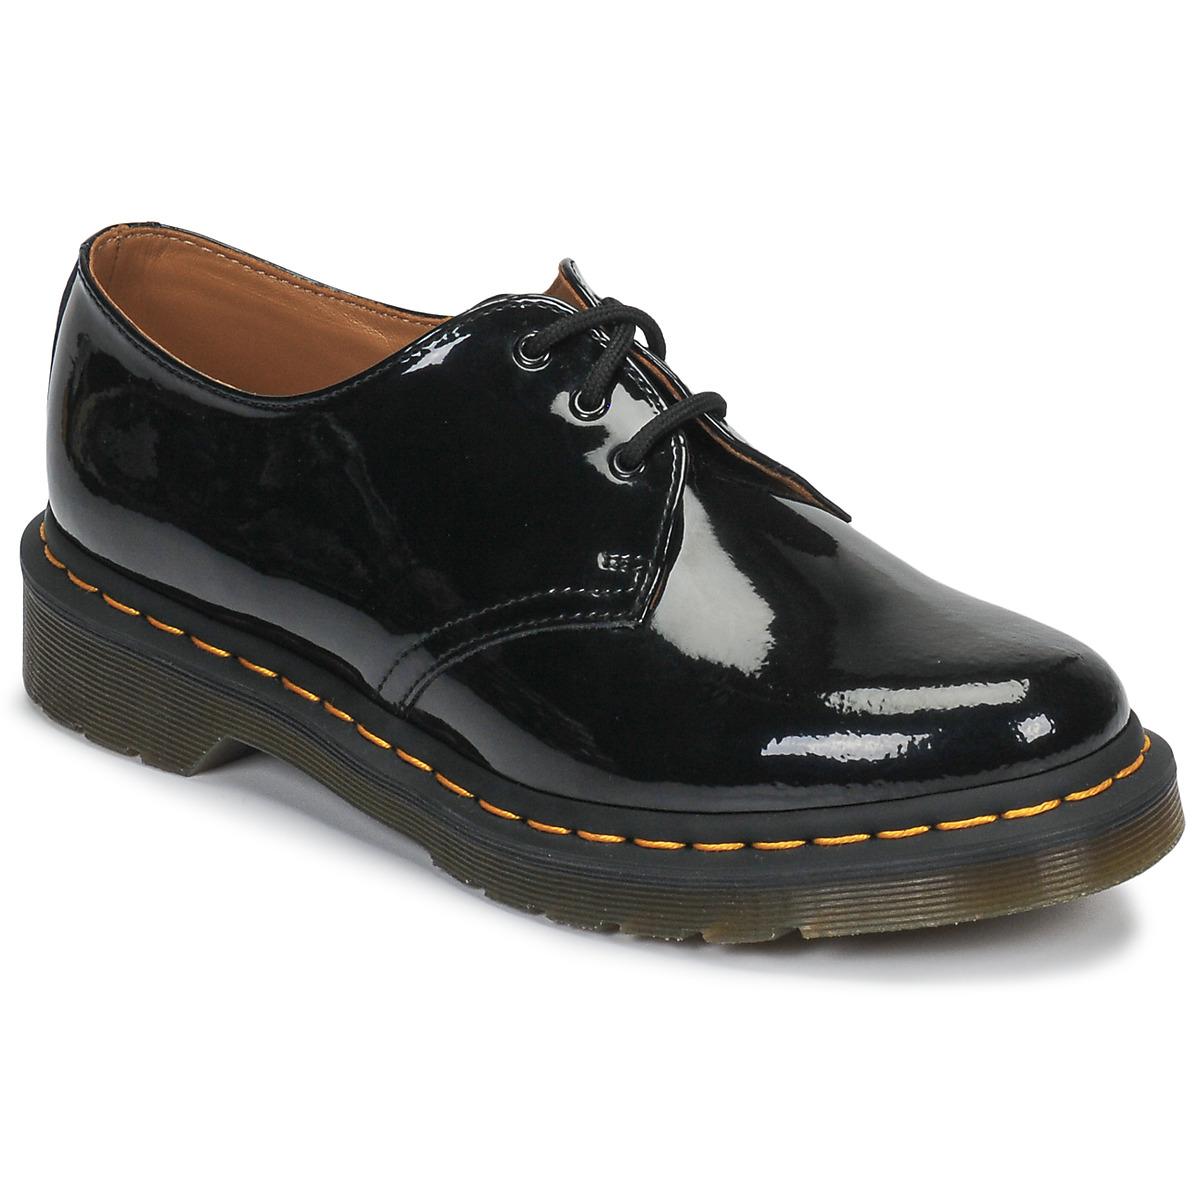 DR MARTENS - Chaussures, Accessoires DR MARTENS - Livraison Gratuite ... 9176de13213